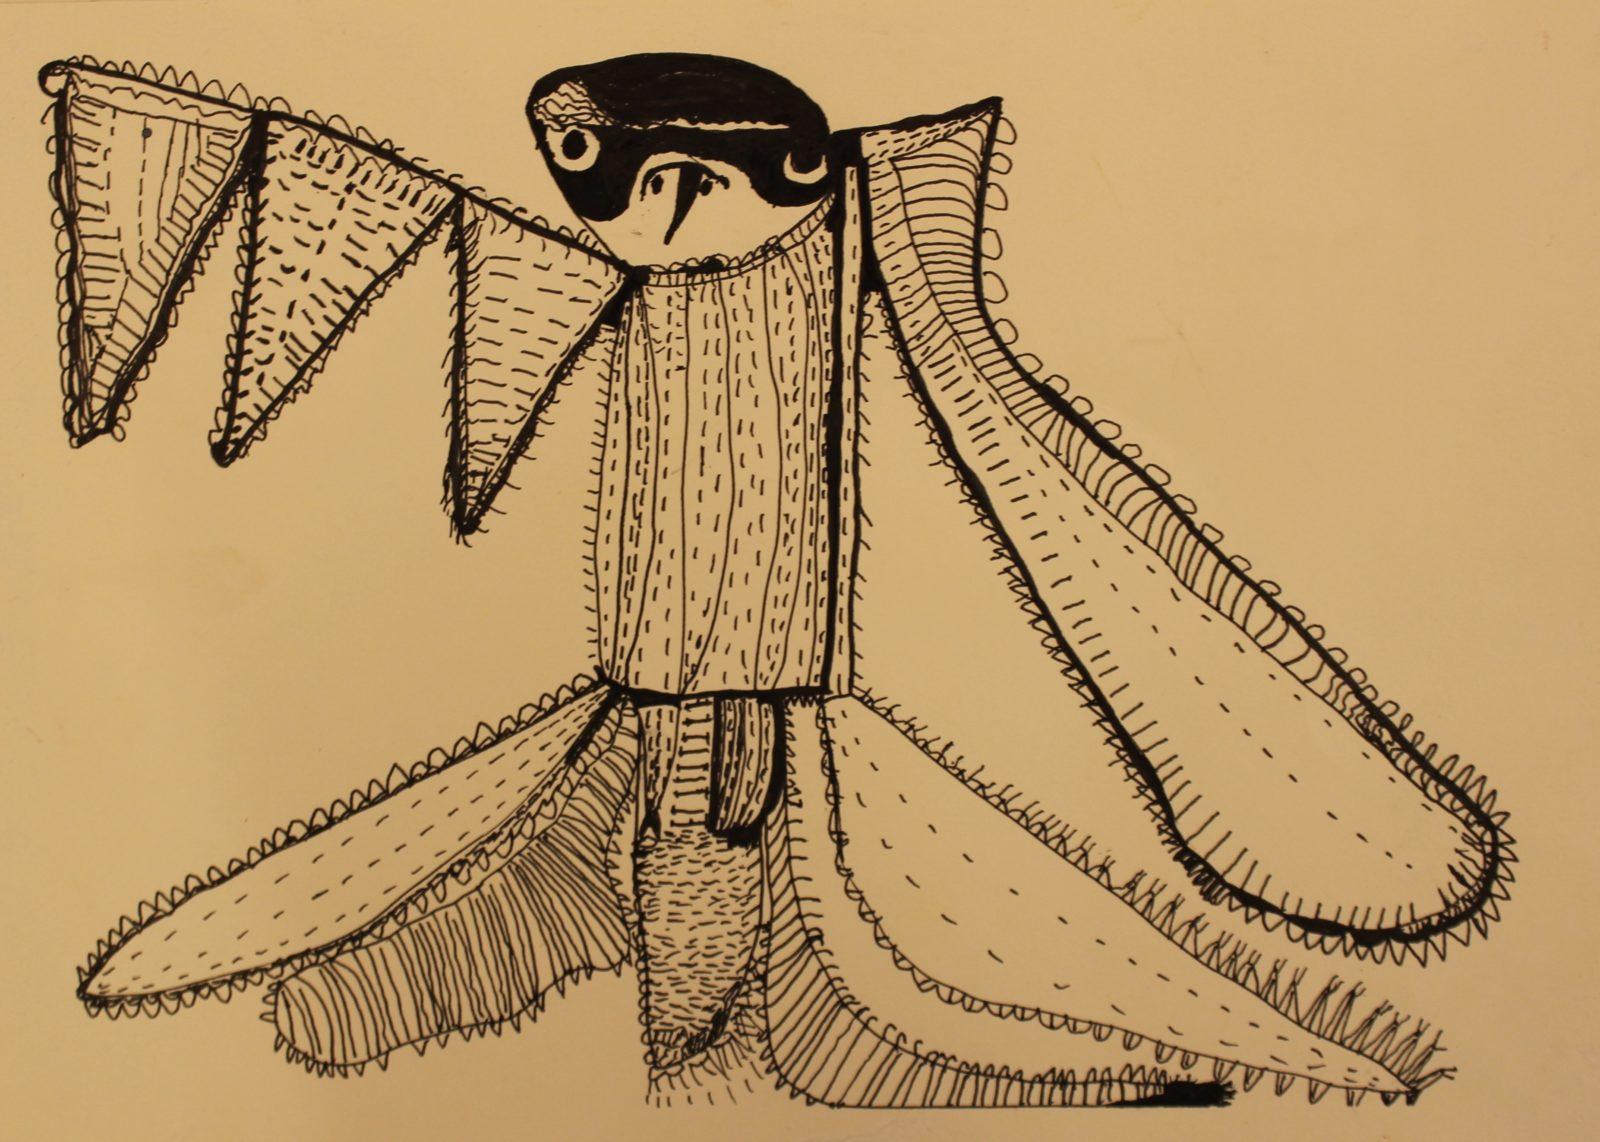 38252 || 5693 || Peregrine Falcon